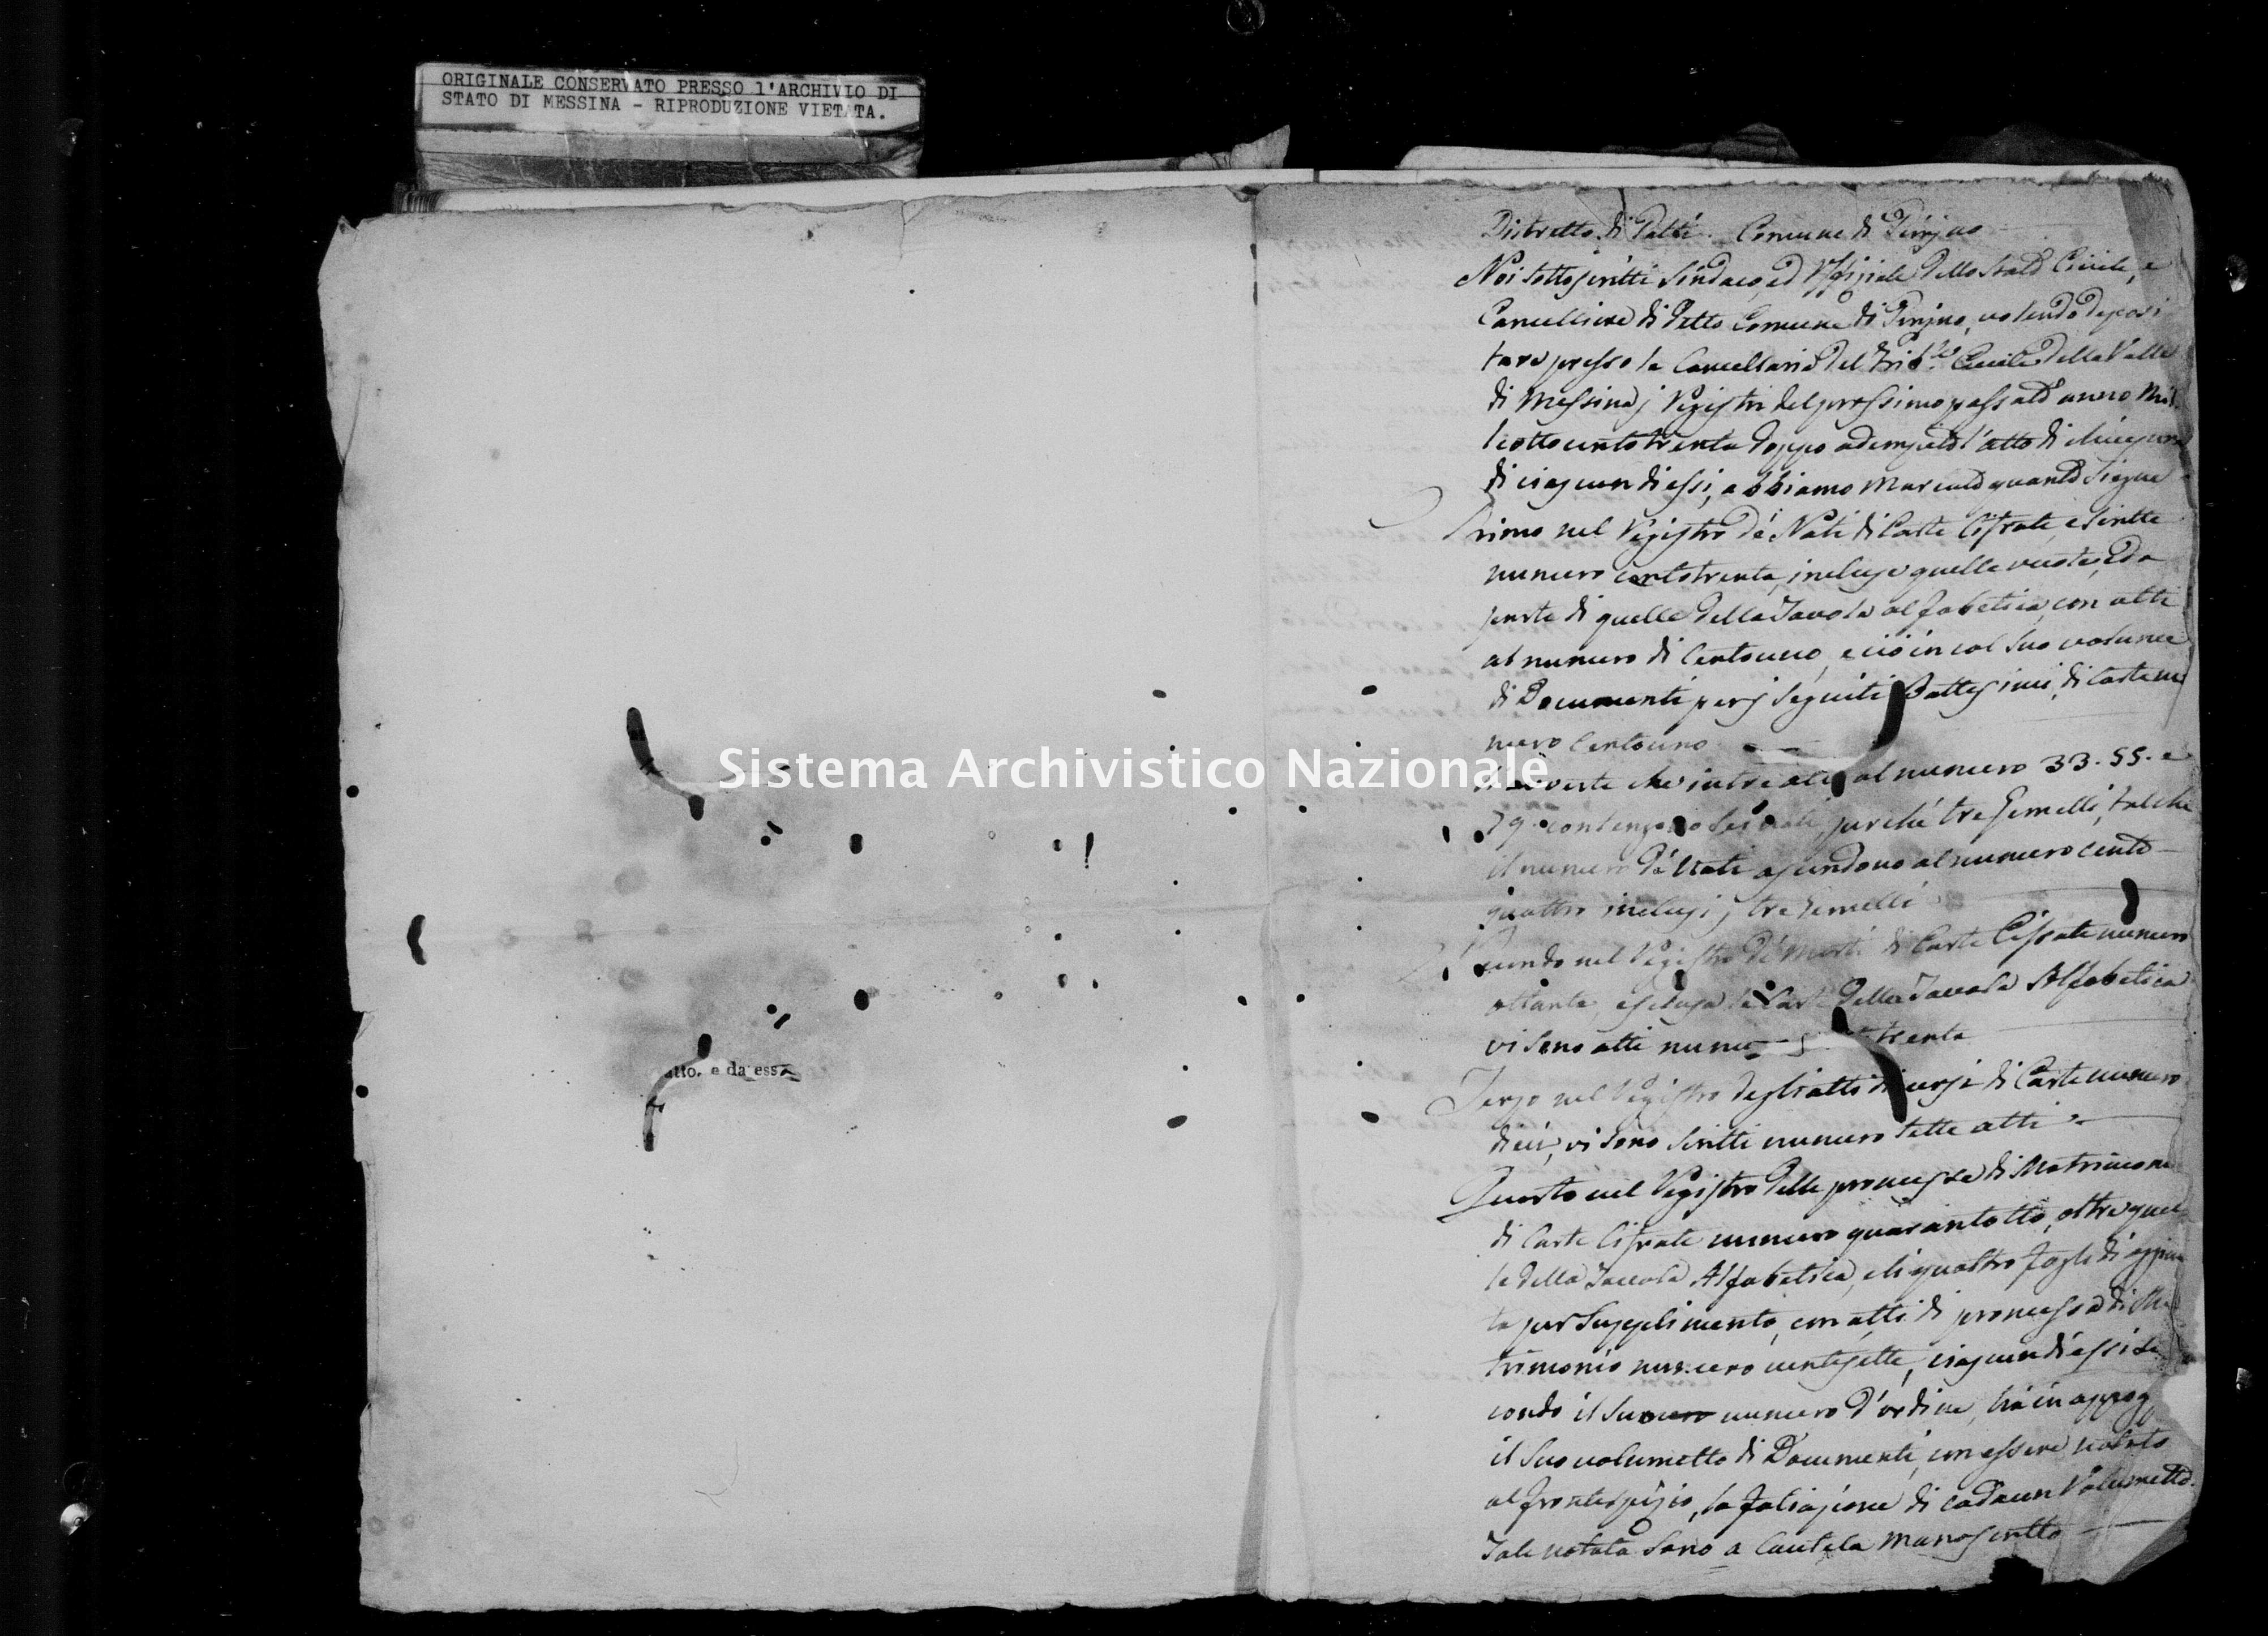 Archivio di stato di Messina - Stato civile della restaurazione - Piraino - Inventario - 1830 - 1051 -